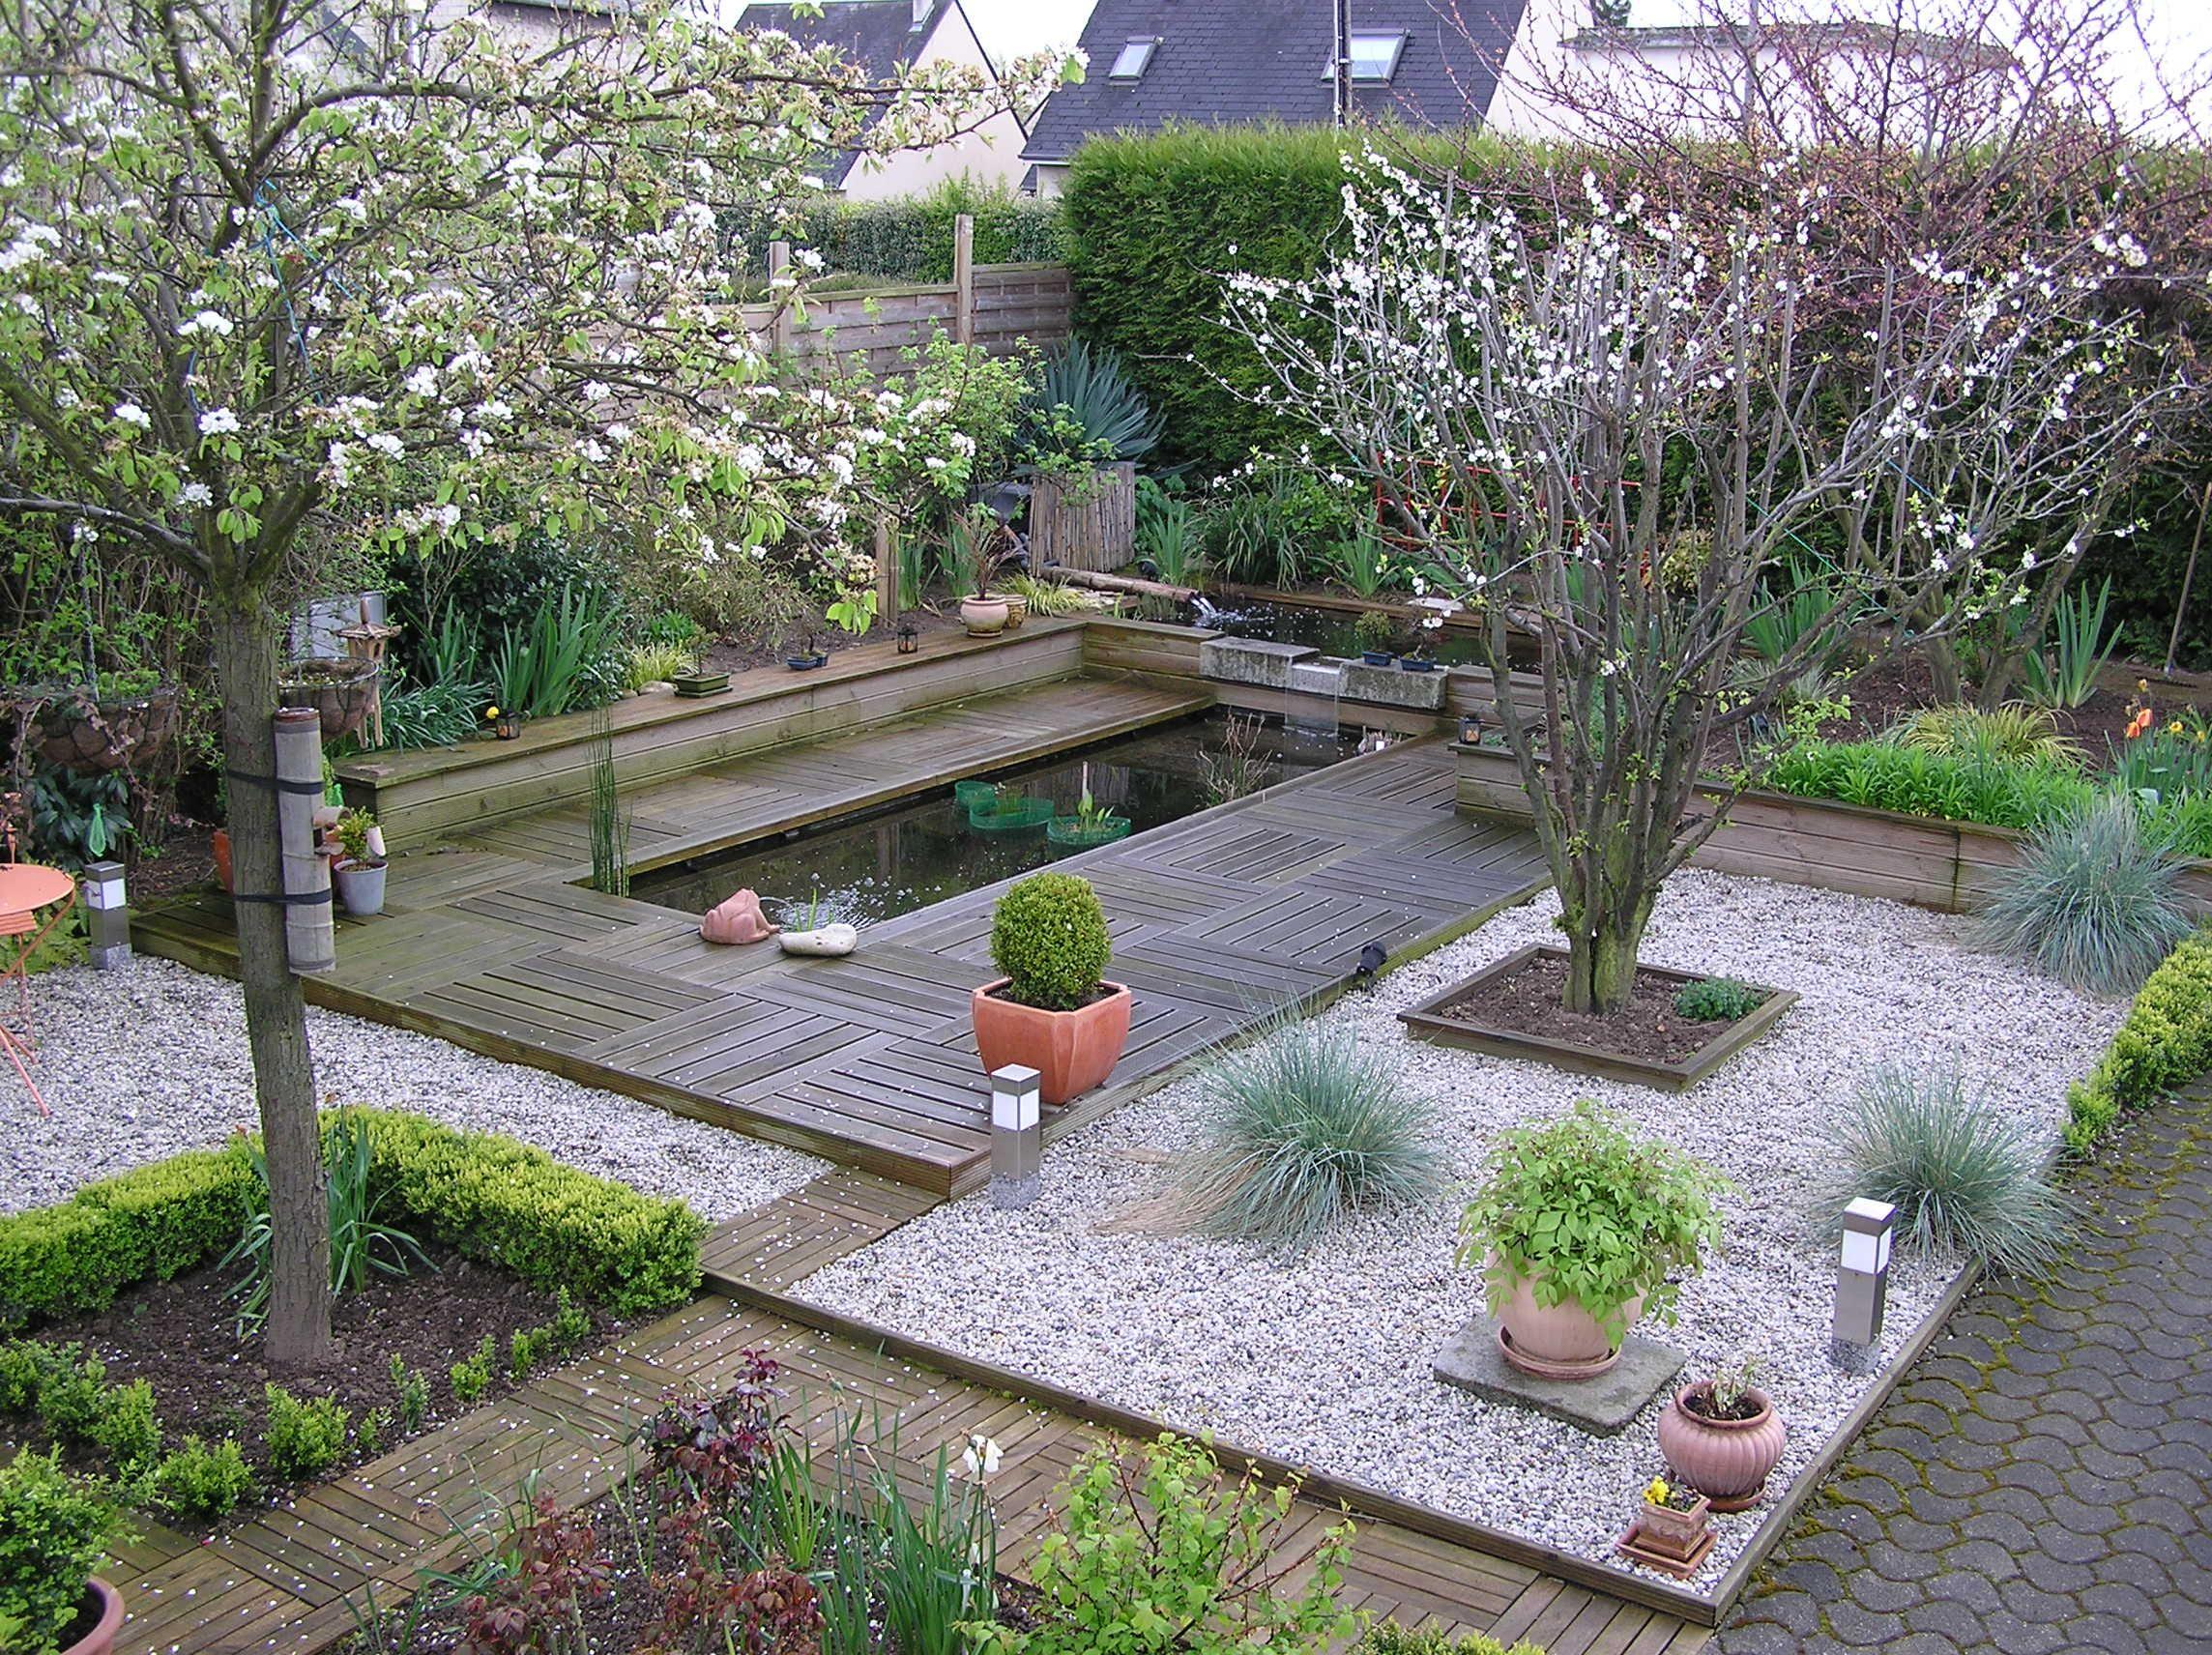 cr er une pi ce d eau dans son jardin bassin de jardin jardins jardin d 39 eau et bassin de. Black Bedroom Furniture Sets. Home Design Ideas